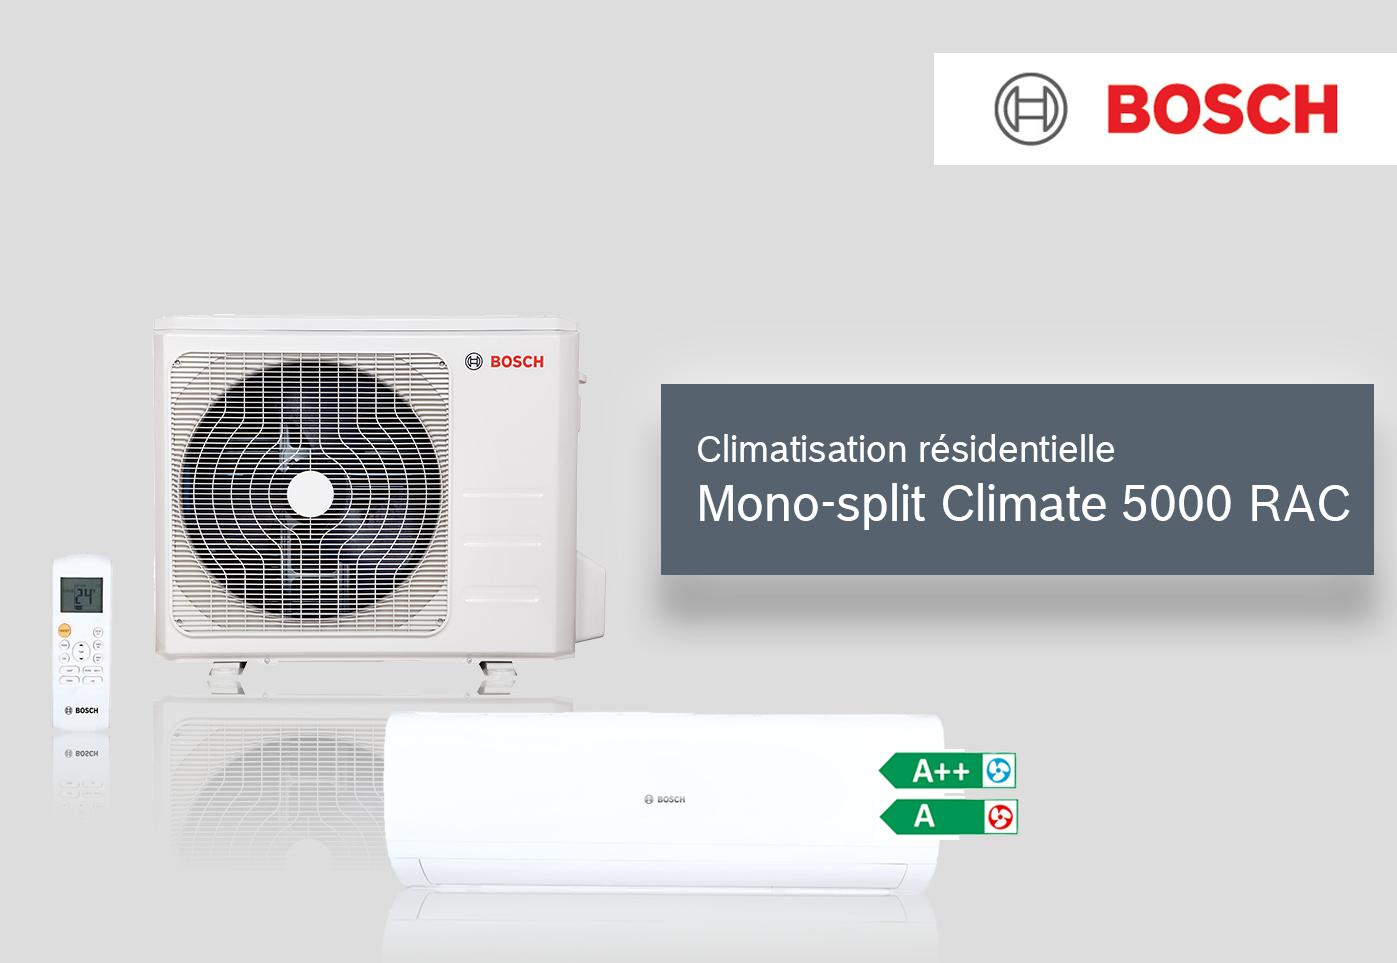 Climate 5000 RAC